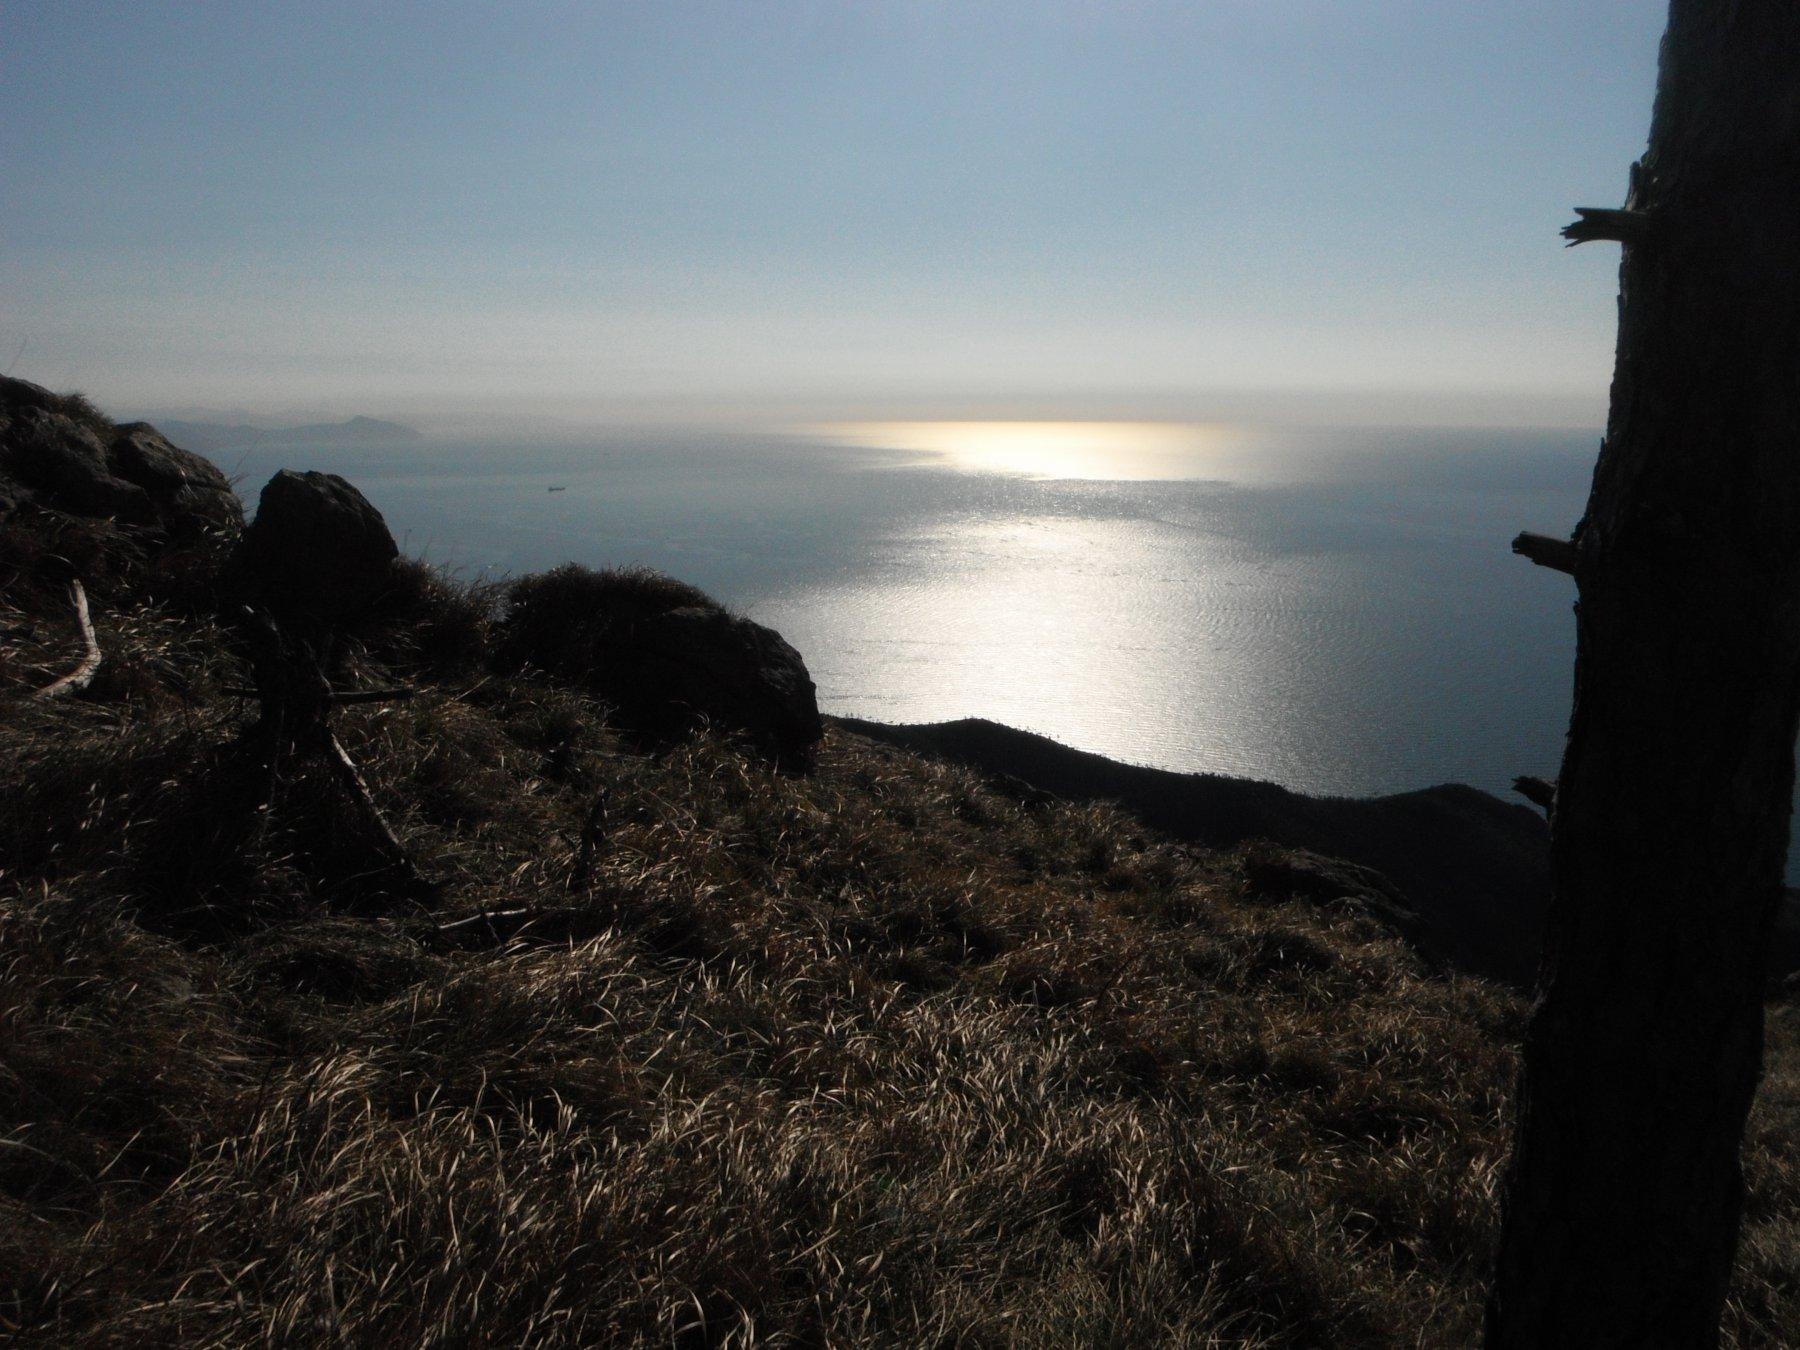 Il Mar Ligure salendo verso il Riparo Belliventi